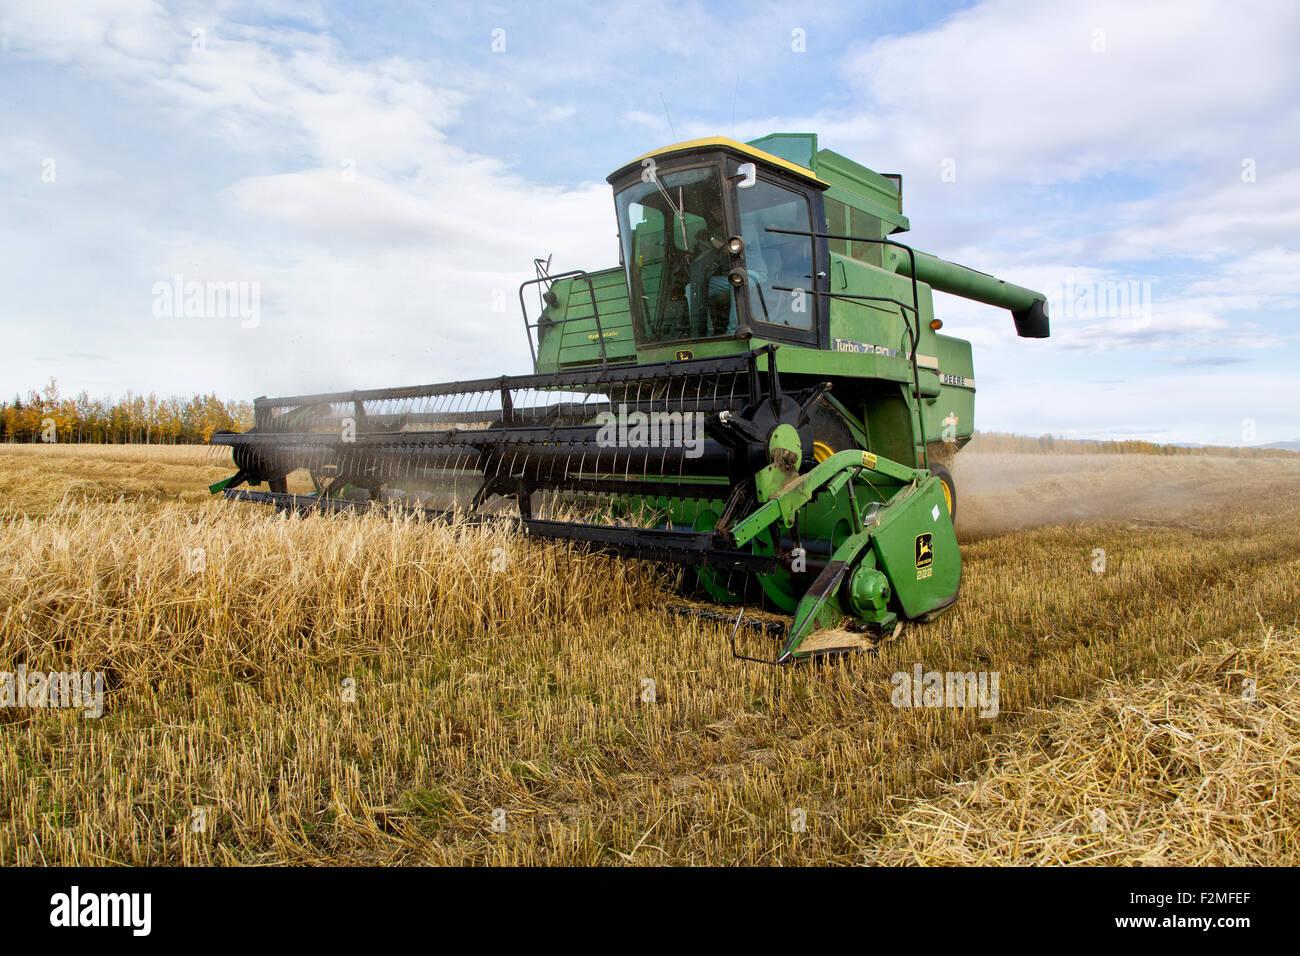 """Raccolto di orzo """"Arra"""" varietà, agricoltore operante John Deere mietitrebbia 7720. Immagini Stock"""